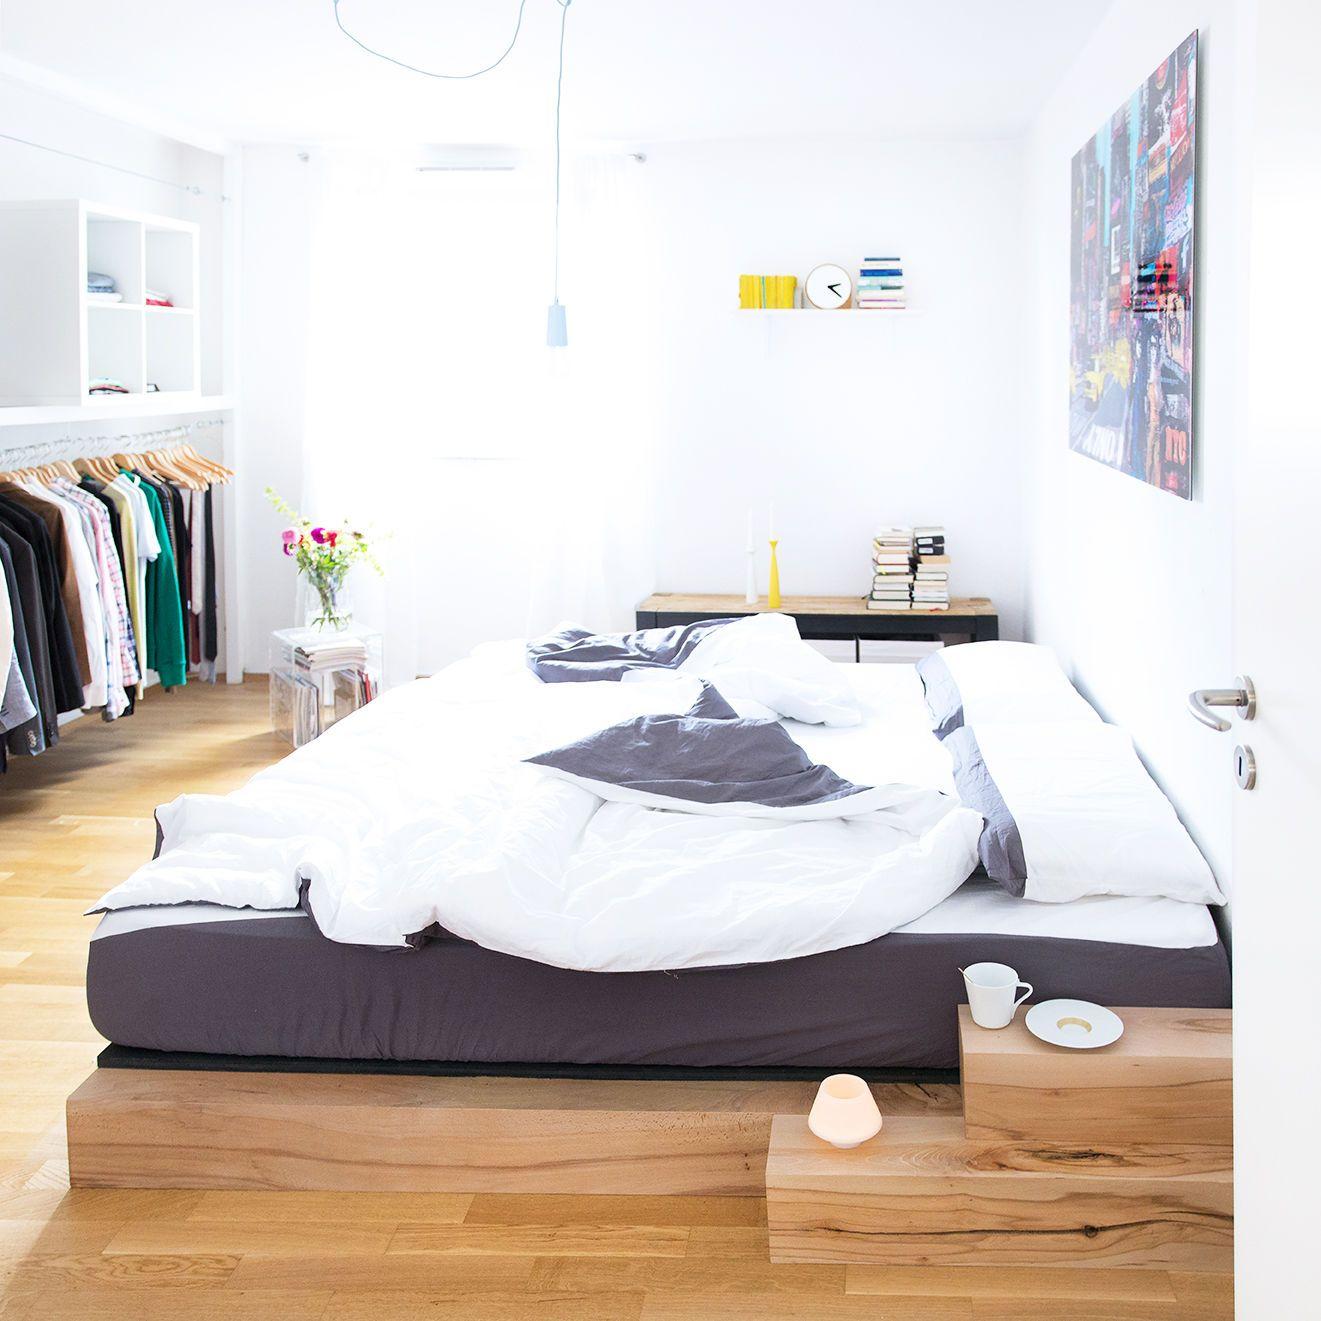 betten selber bauen die besten ideen und tipps seite 2. Black Bedroom Furniture Sets. Home Design Ideas